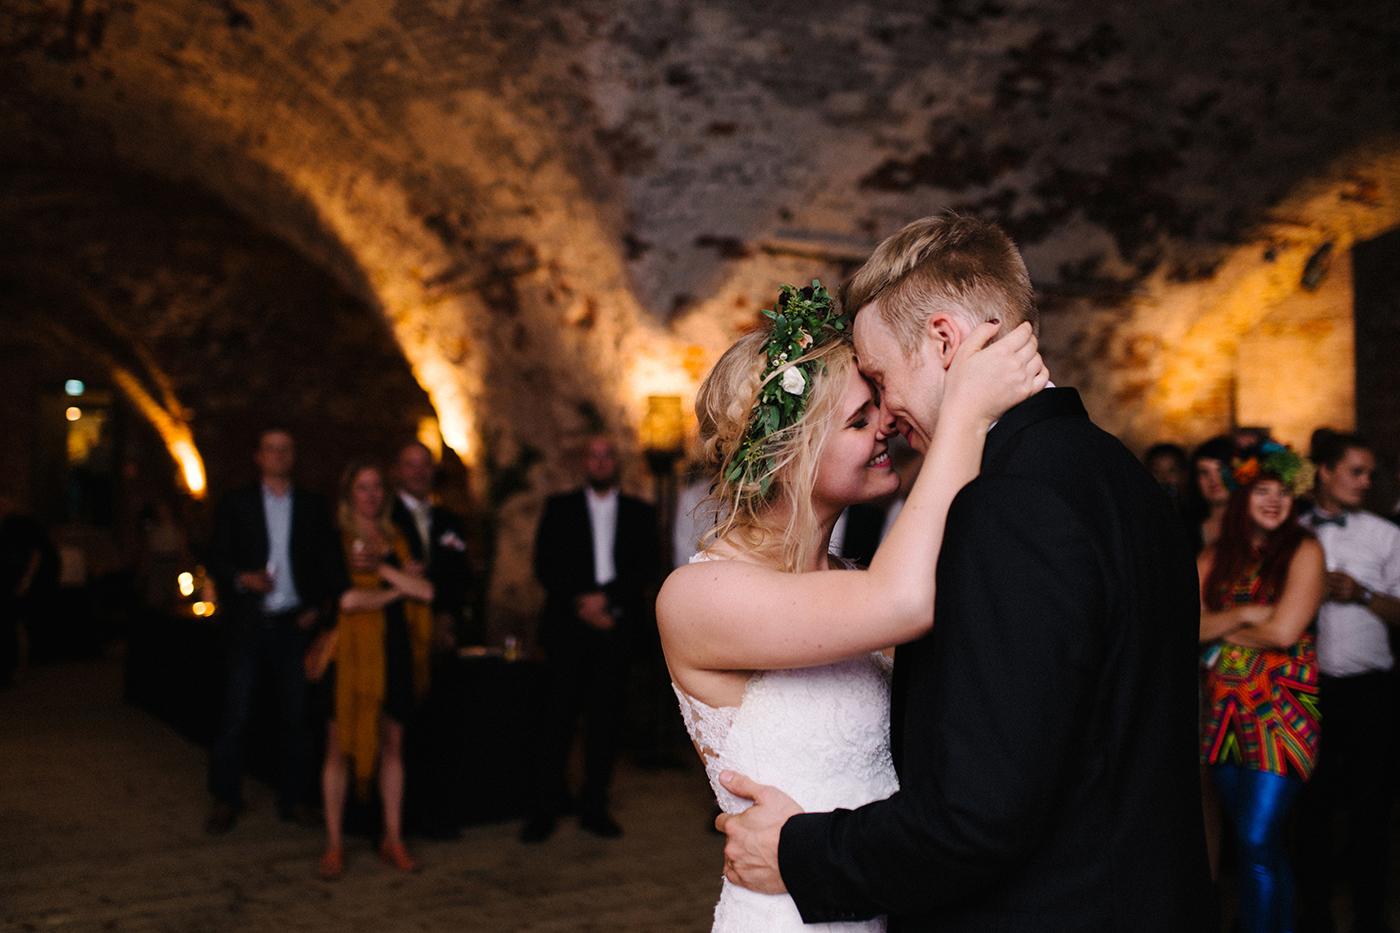 Indie Glam Wedding Tenalji von Fersen Suomenlinna (131).jpg